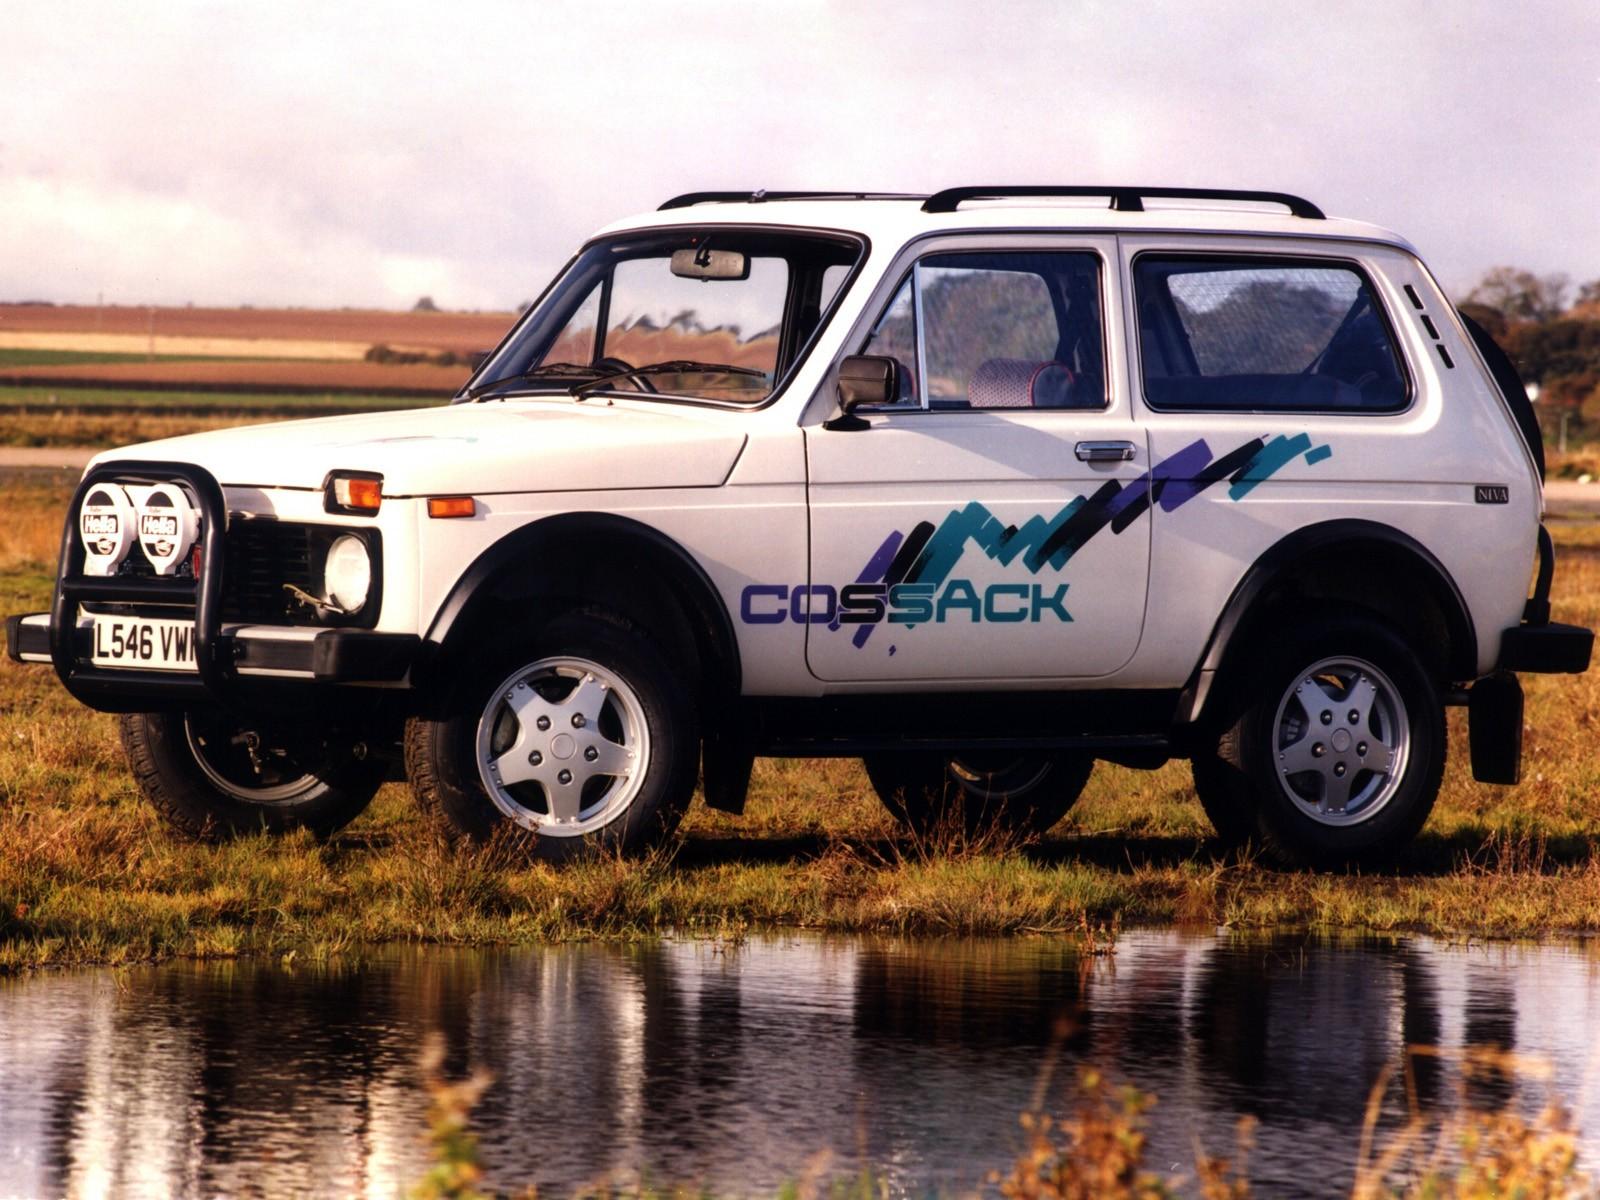 1993 Lada Niva Cossack 4x4 21212